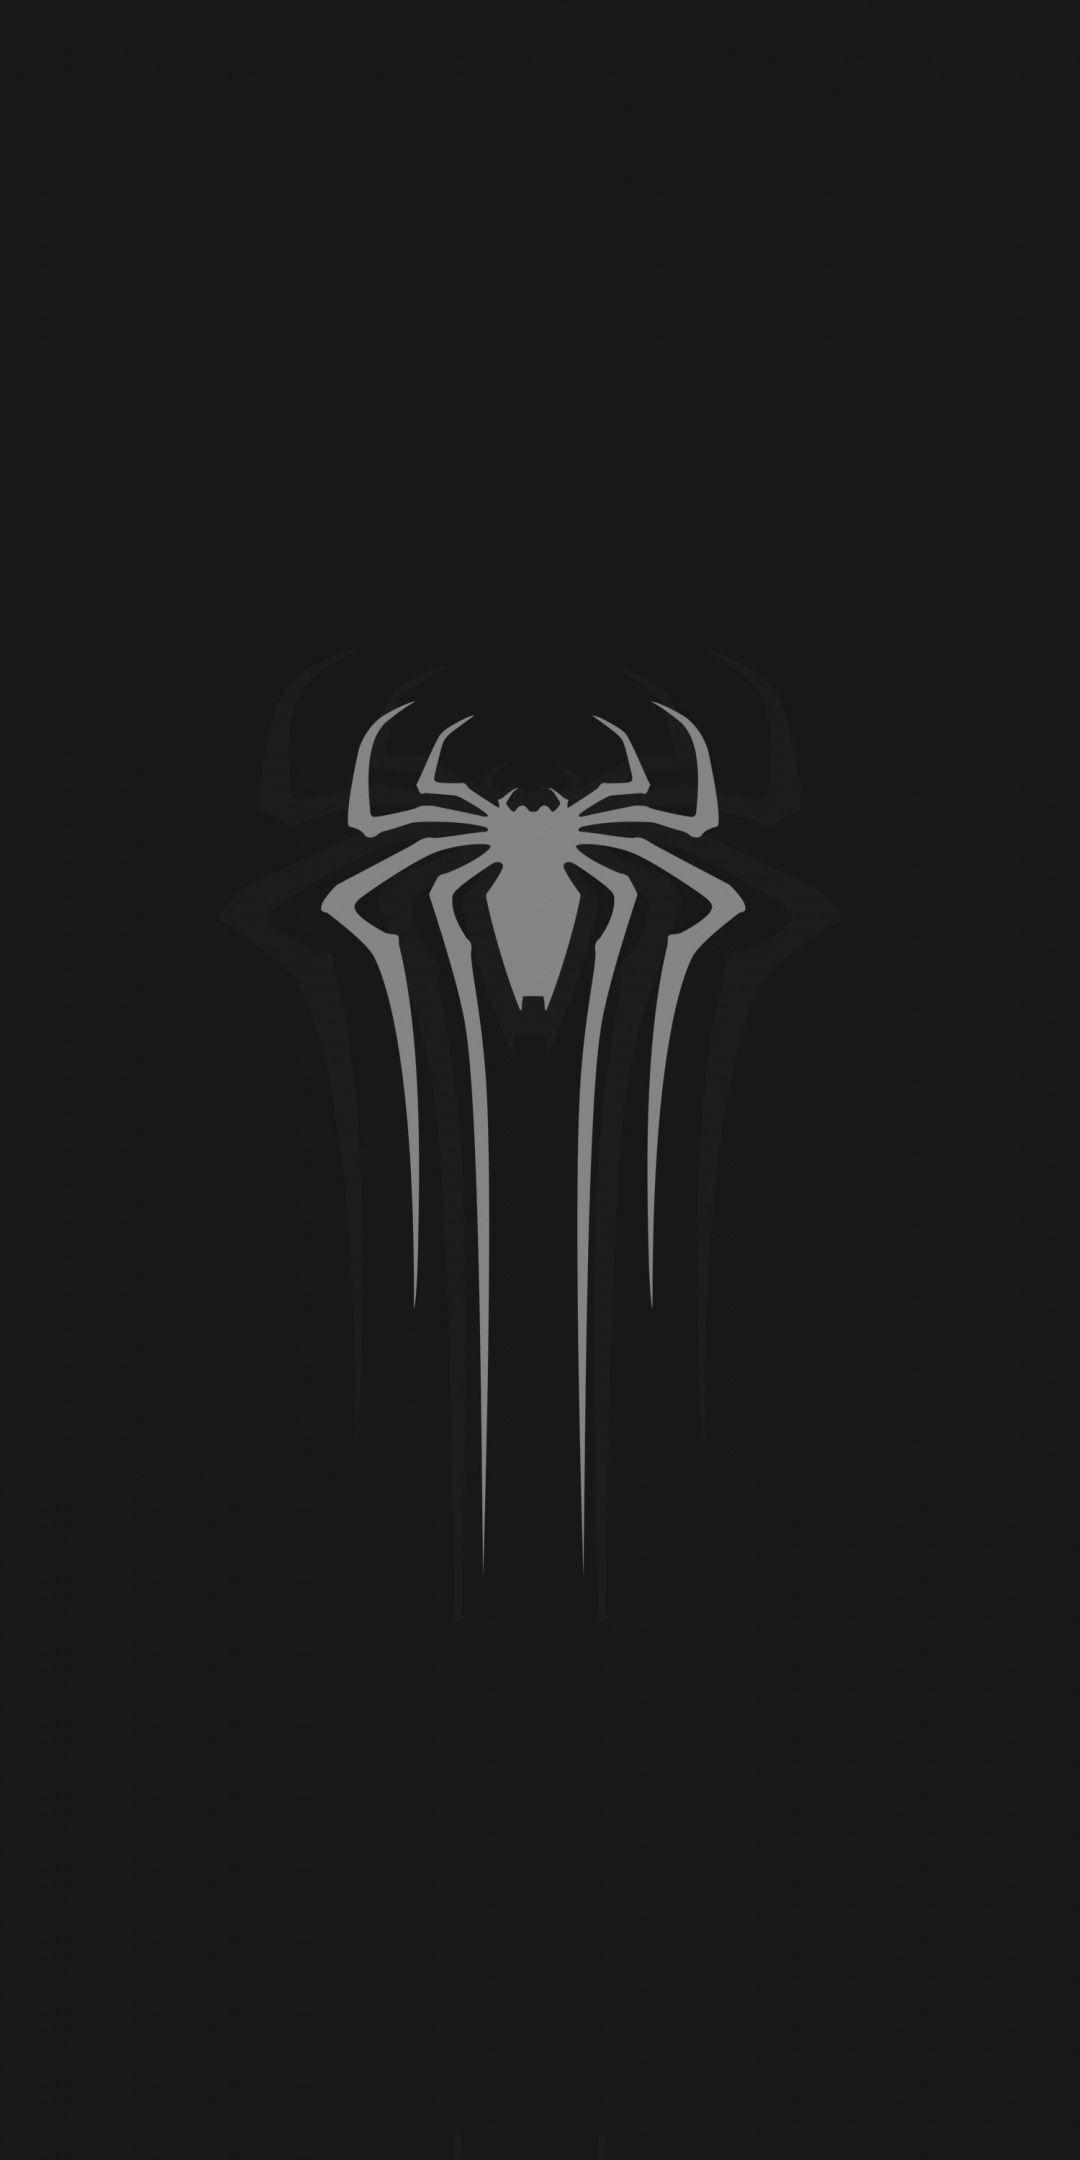 Logo Gray Spider Man Minimal Dark 1080x2160 Wallpaper Marvel Wallpaper Superhero Wallpaper Spiderman Art